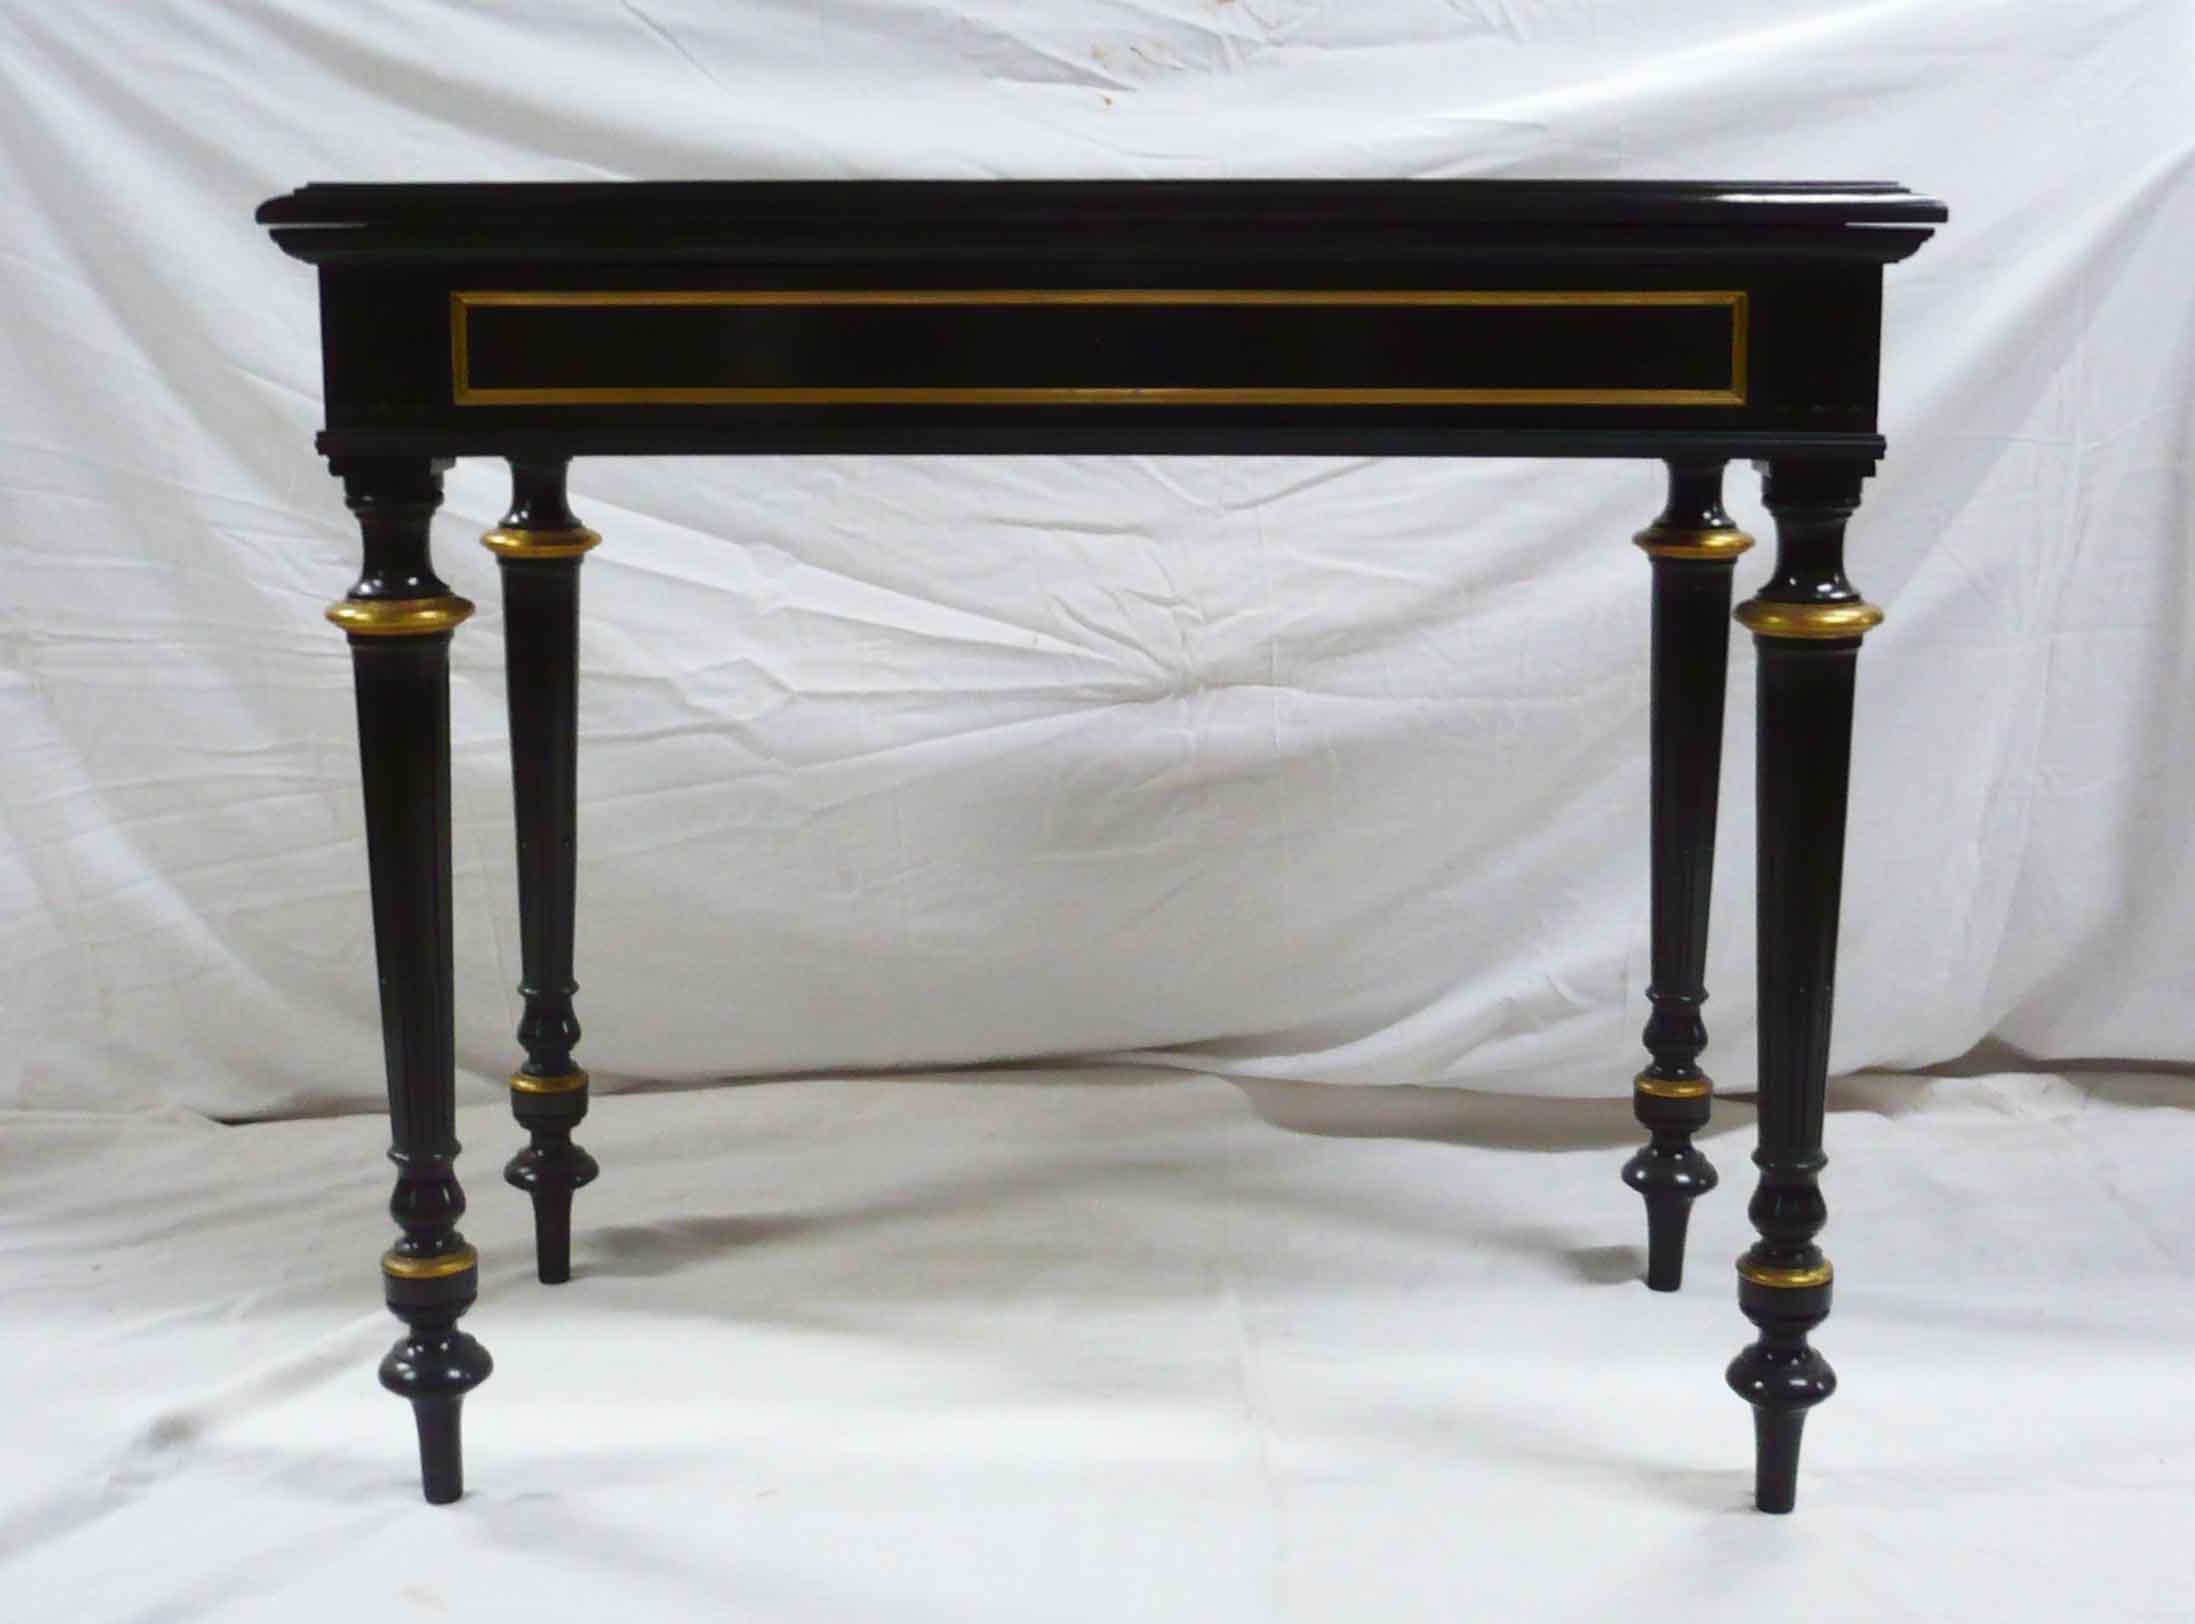 eb niste d art restaurateur de meubles et de table jeux atelier helbecque 94 ile de france paris. Black Bedroom Furniture Sets. Home Design Ideas